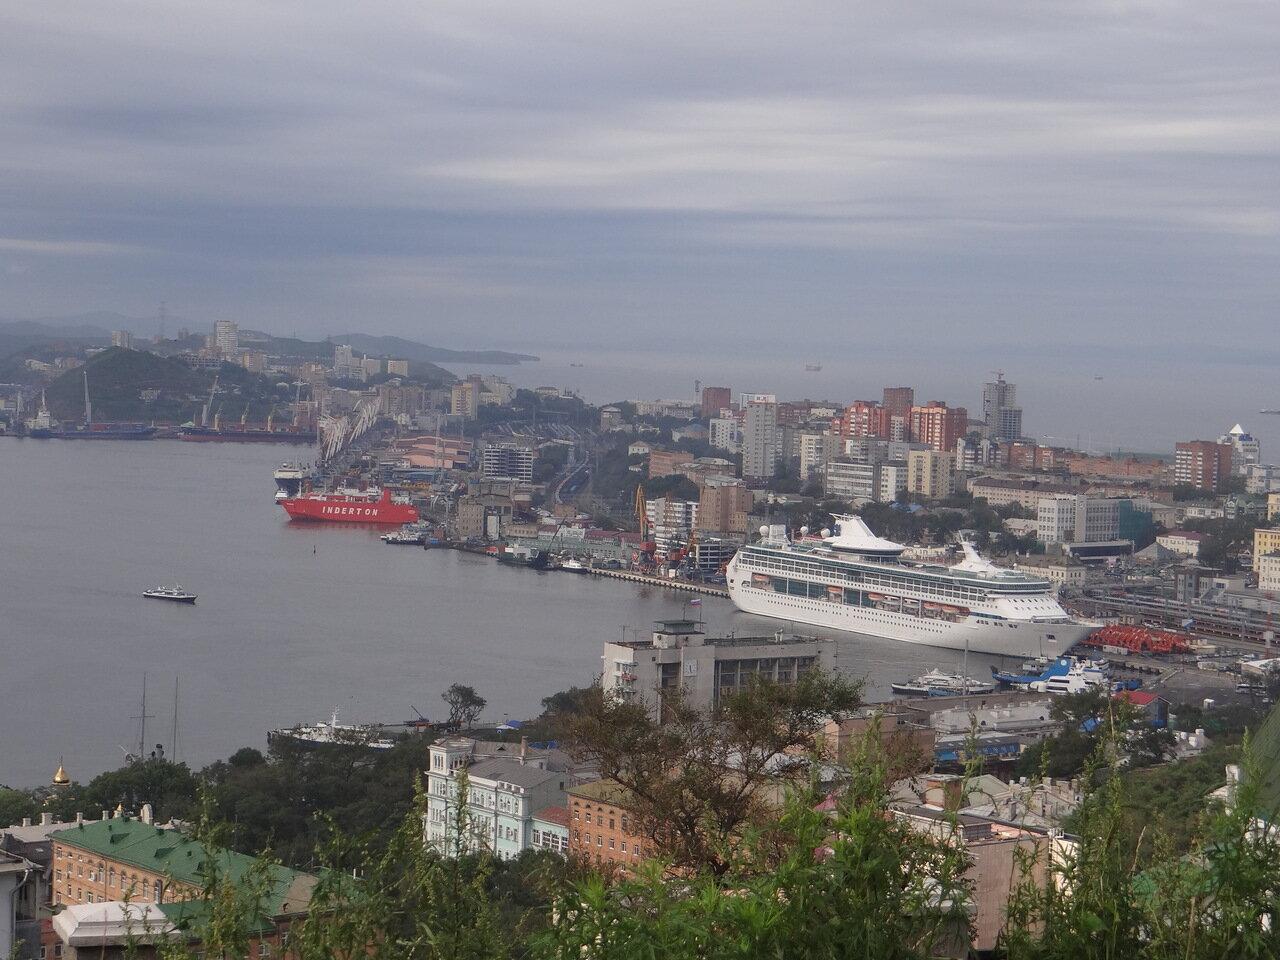 Владивосток. Панорама. Vladivostok, view of the city. 符拉迪沃斯托克,觀看城市風景。